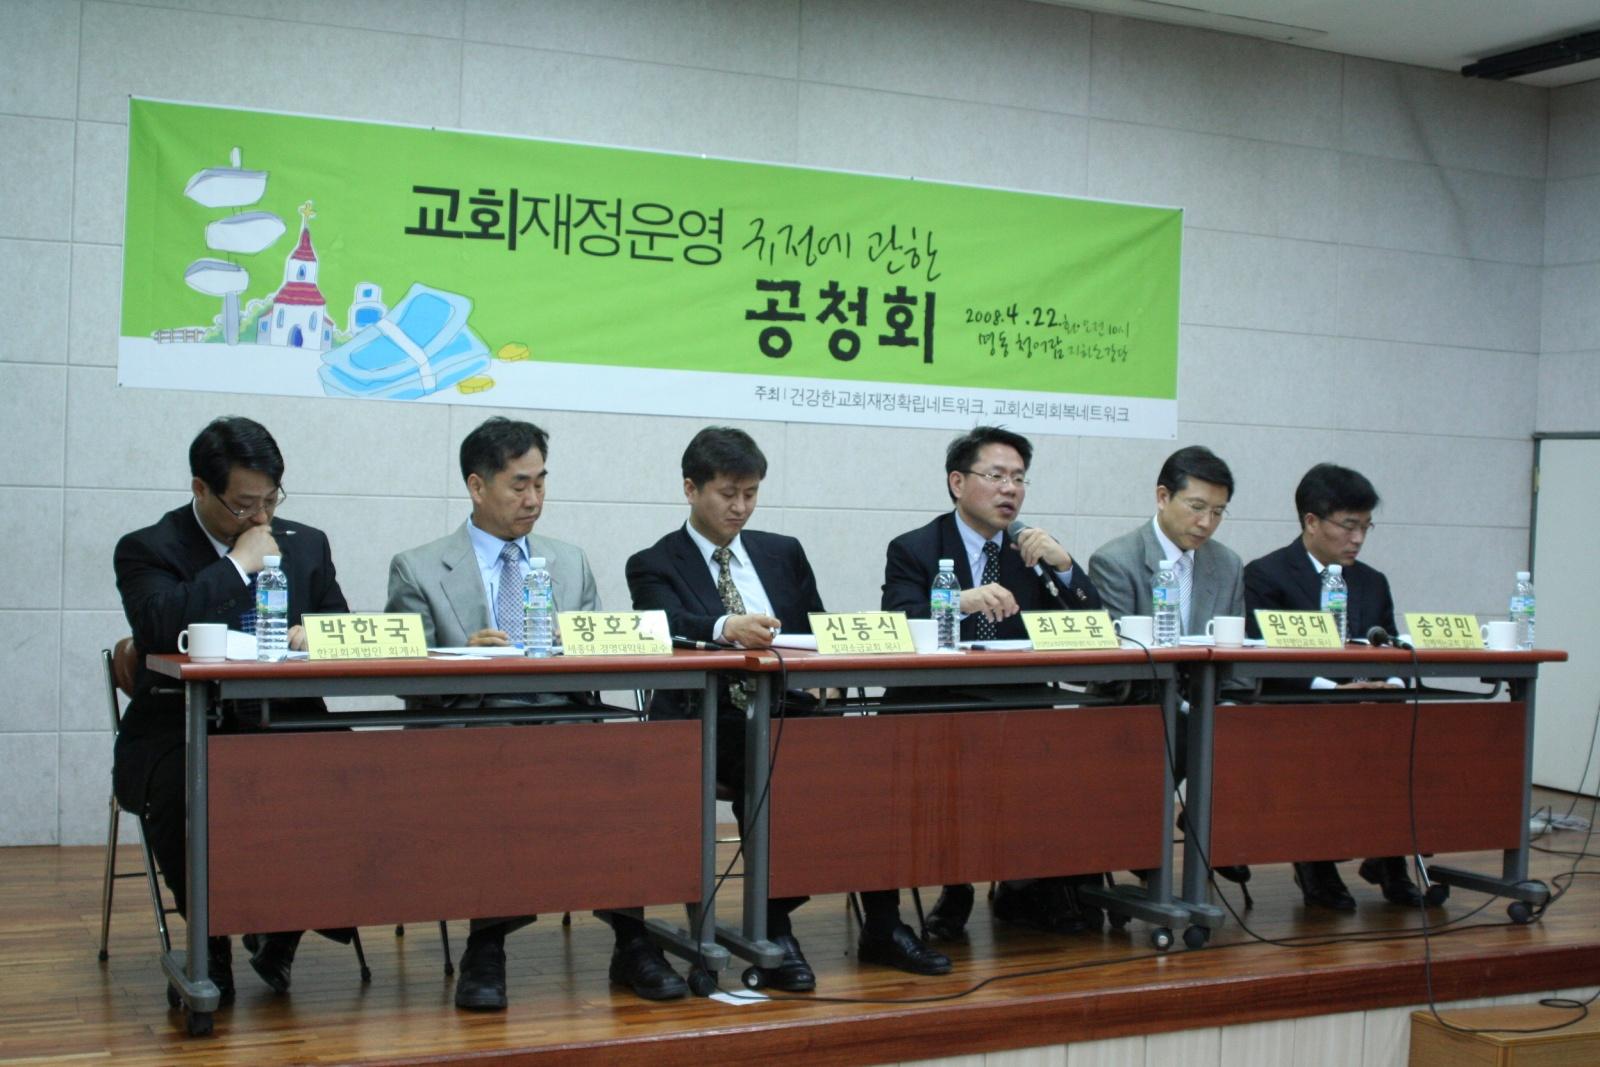 2008-교회재정운영 공청회